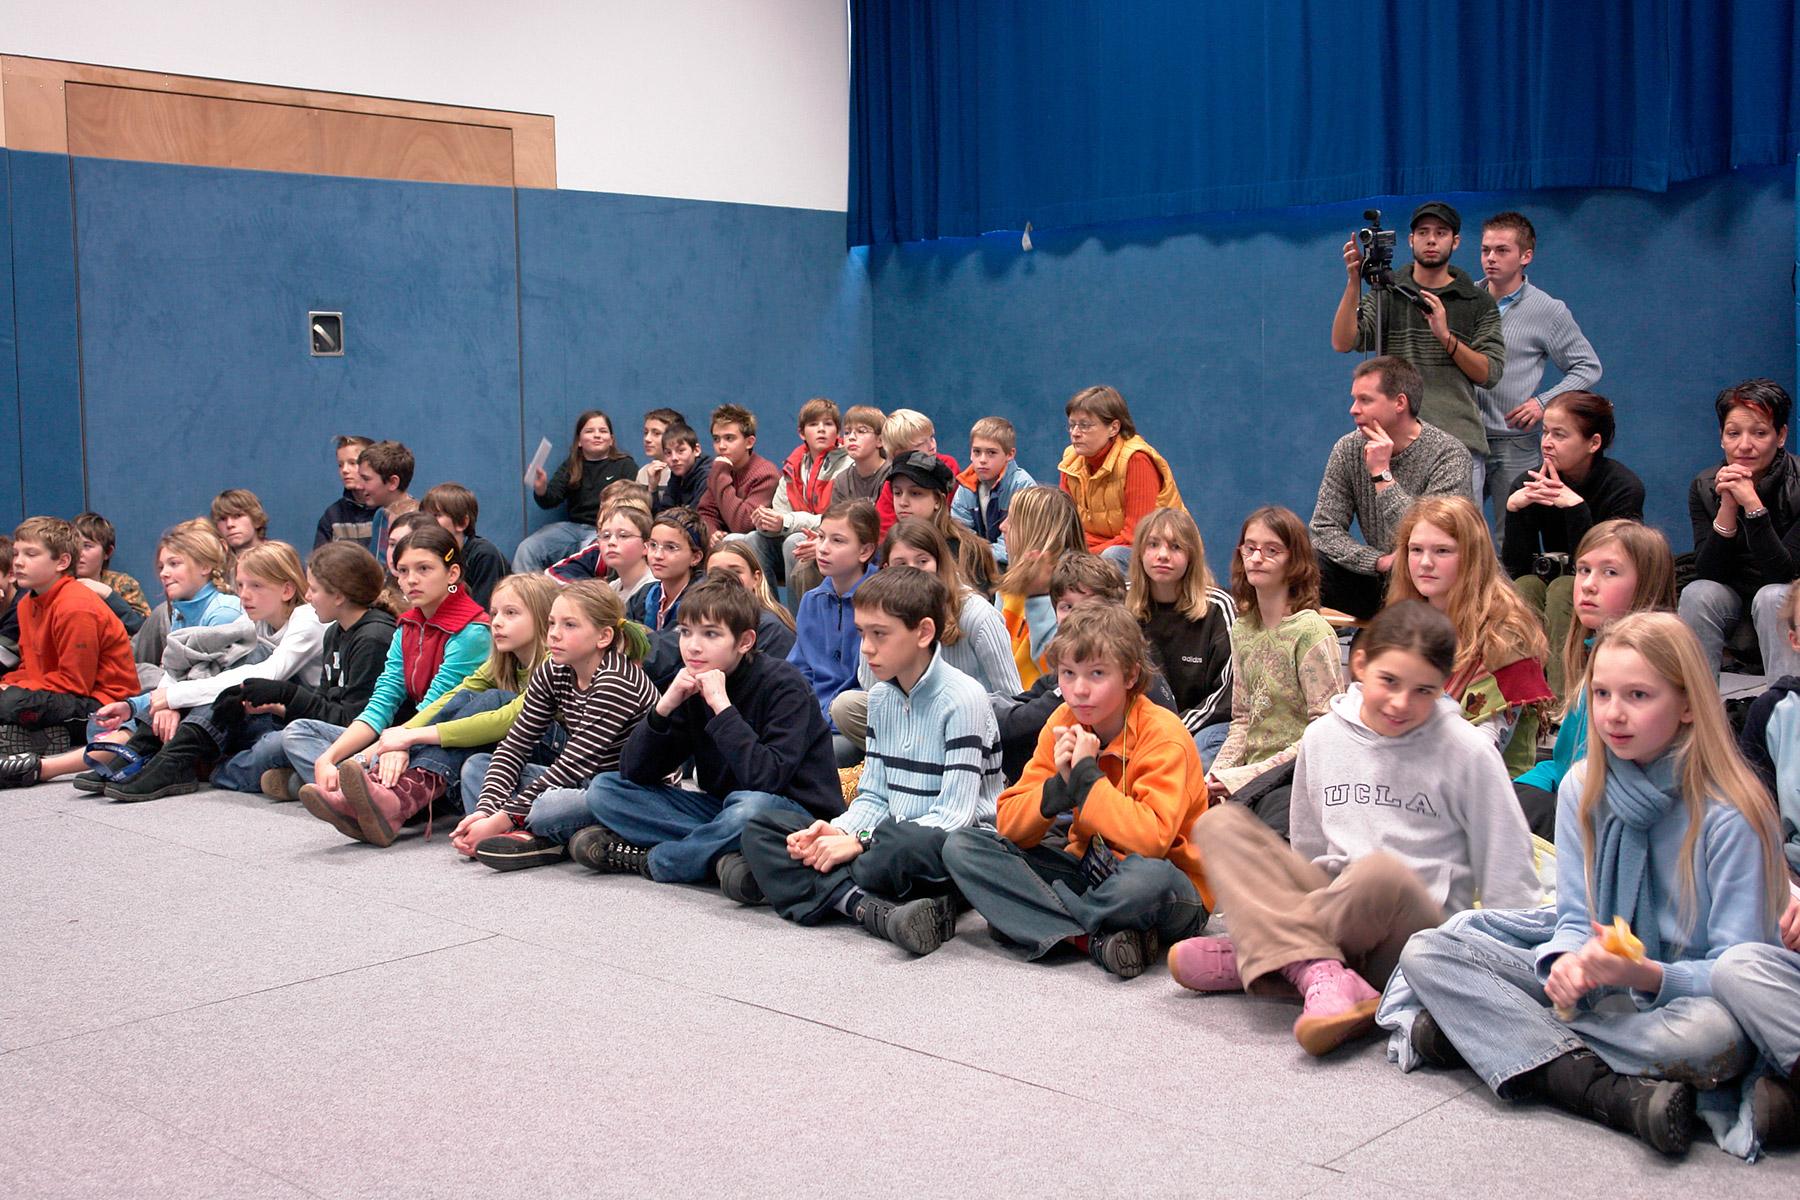 Kinder bei einem Projekt von Tempus fugit